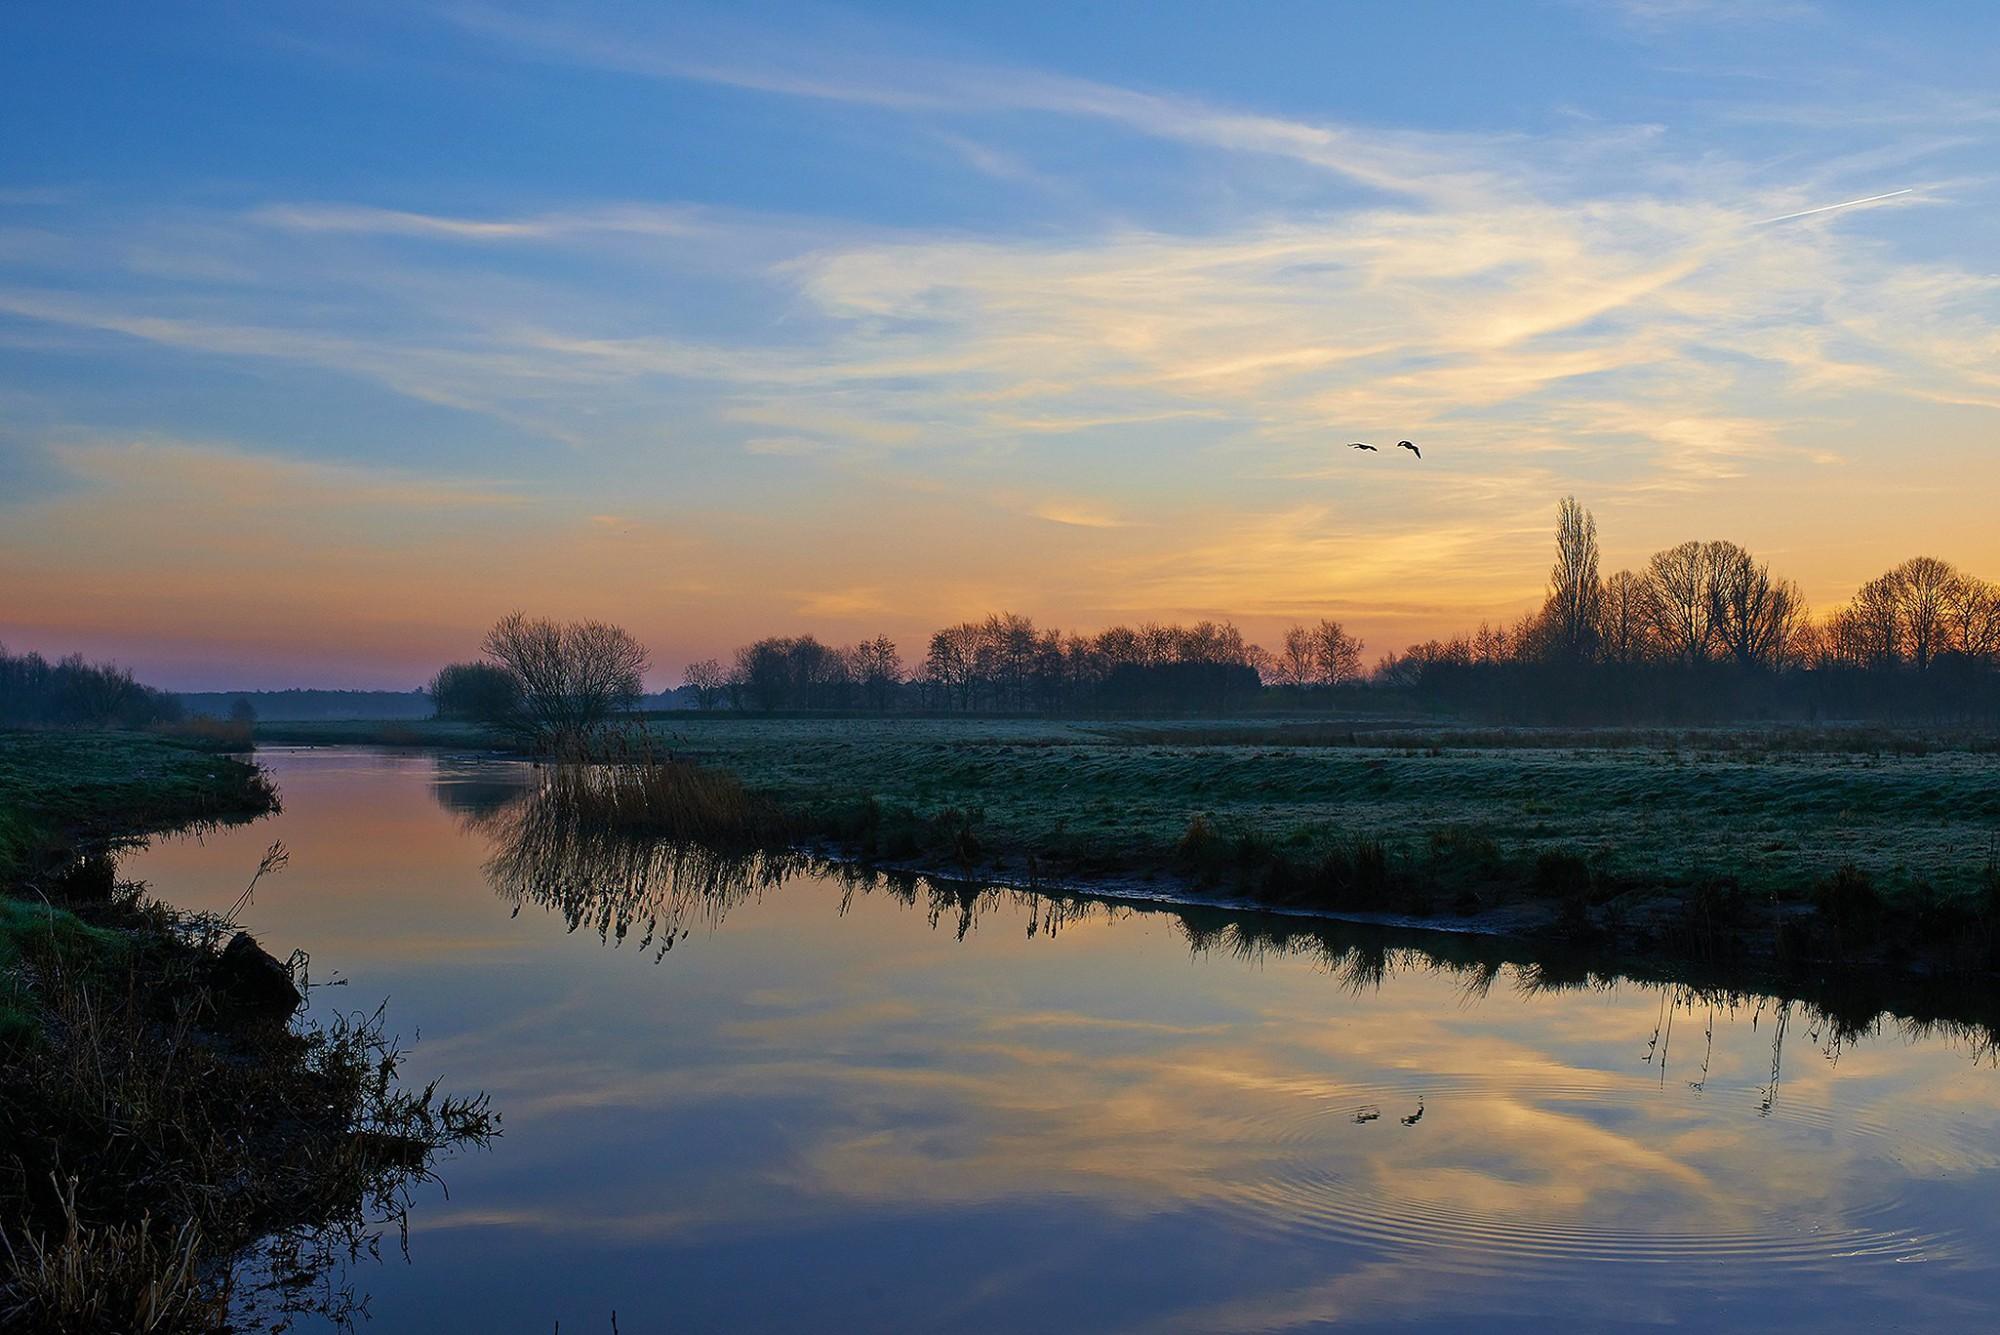 Afbeelding: Landschapsfotografie De Mark op de grens met Nederland, fotograaf Dominique Van Huffel.